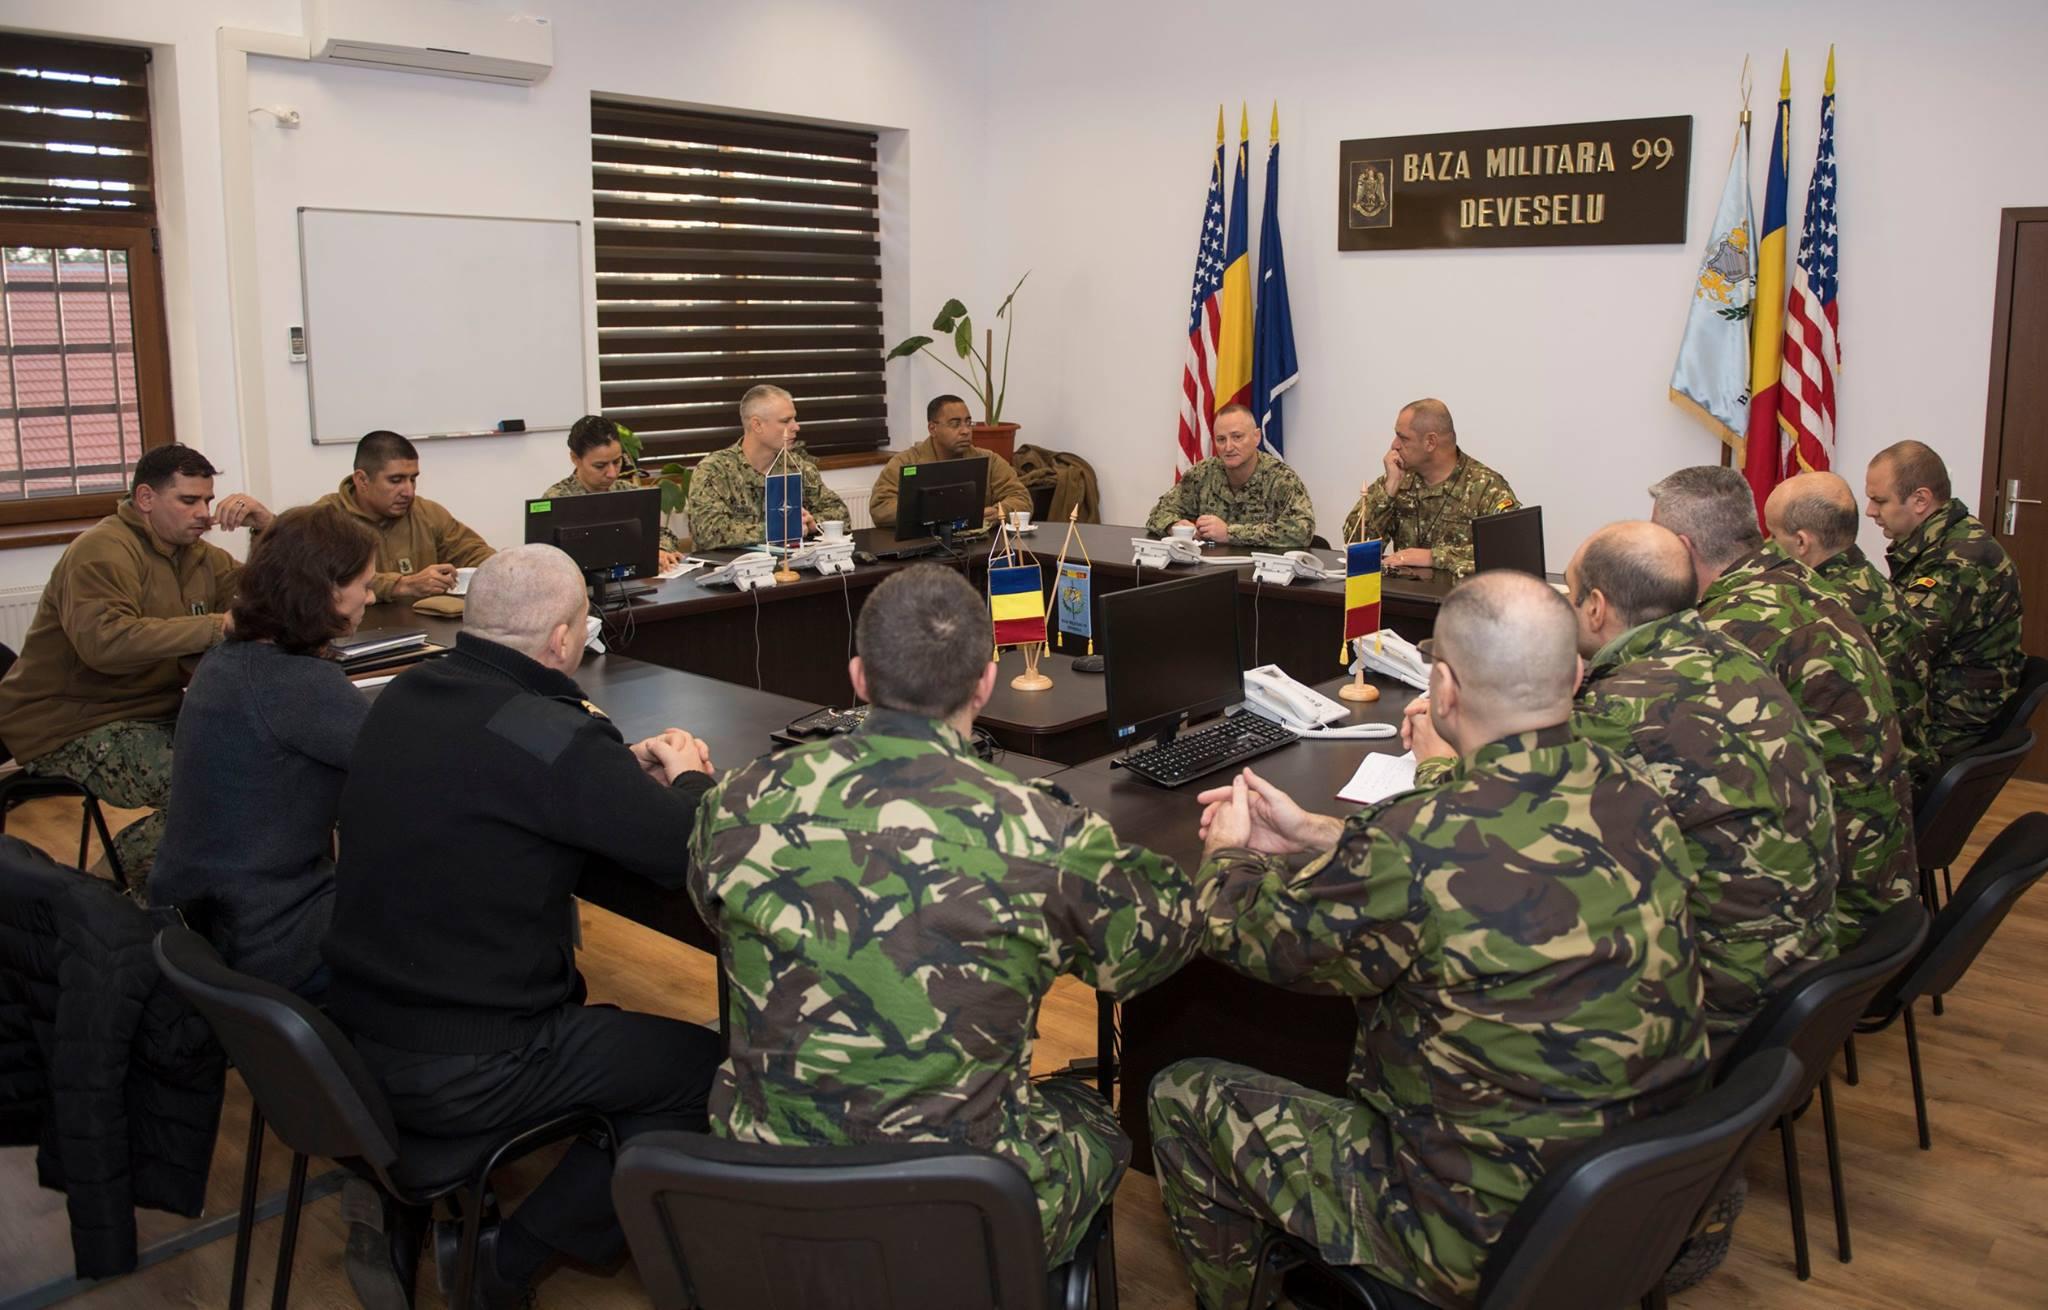 COMENTARIU   Elevii silitori şi elevii preferaţi ai NATO, sau cum se compară mai concret România cu Polonia